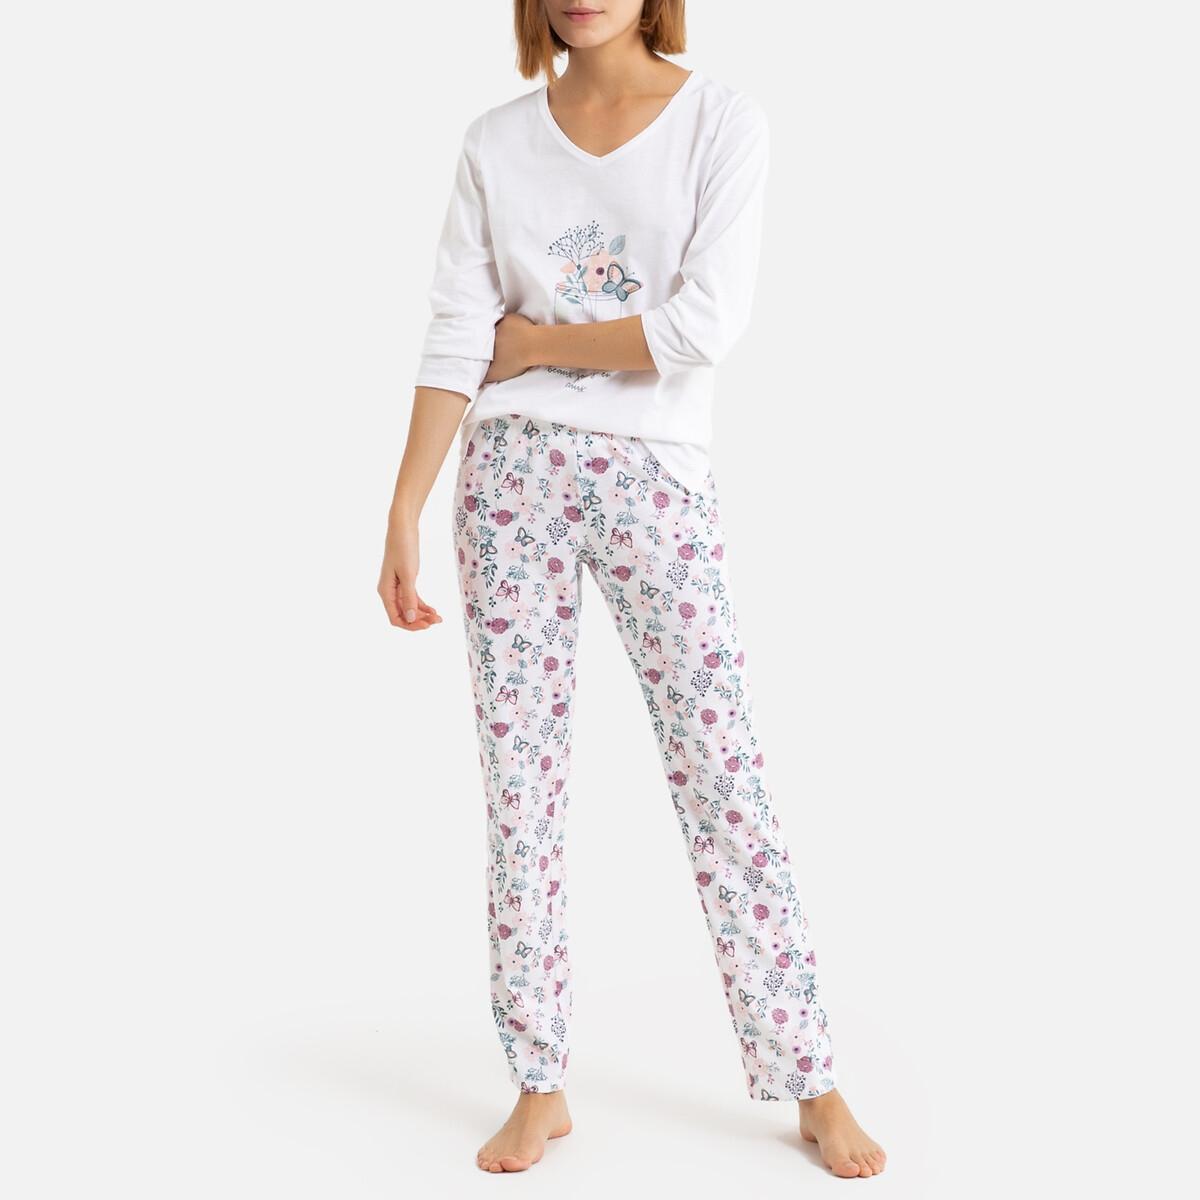 Pijama estampado de flores, de punto 100% algodón